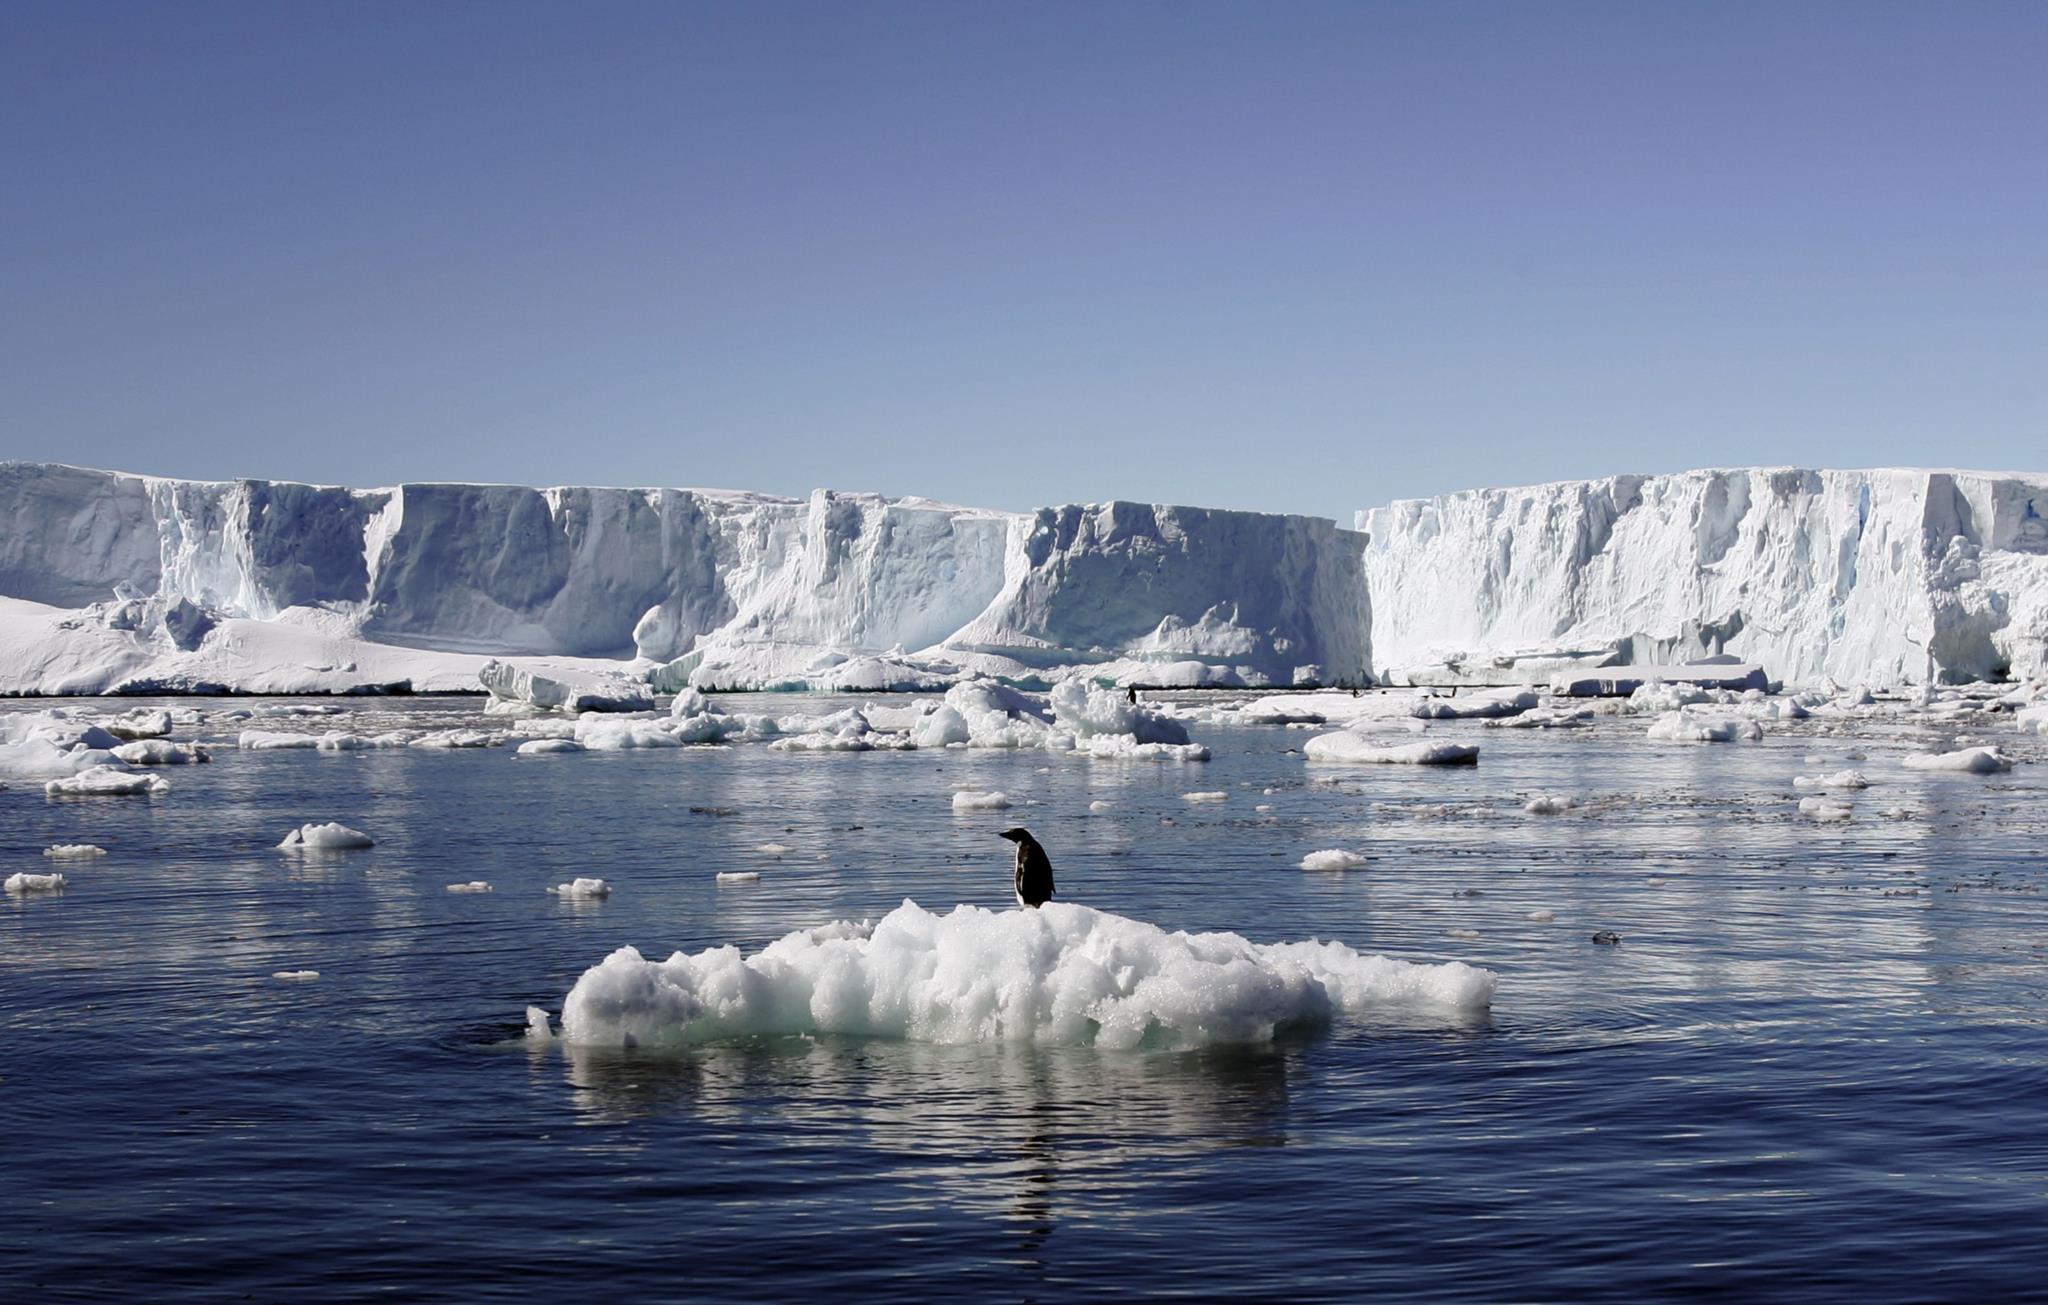 PÚBLICO - O que há nas águas da Antárctida? Medicamentos e cocaína